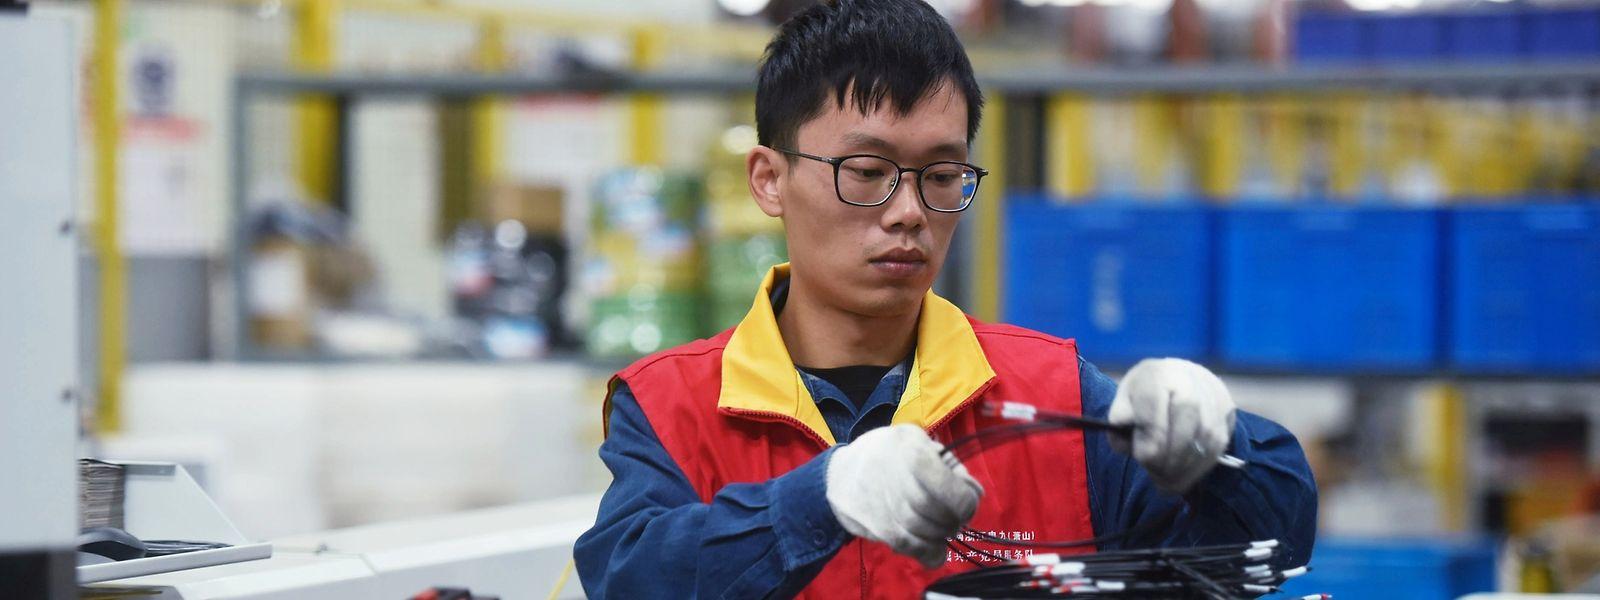 Chinas Industrieproduktion hat wieder Normalniveau erreicht.